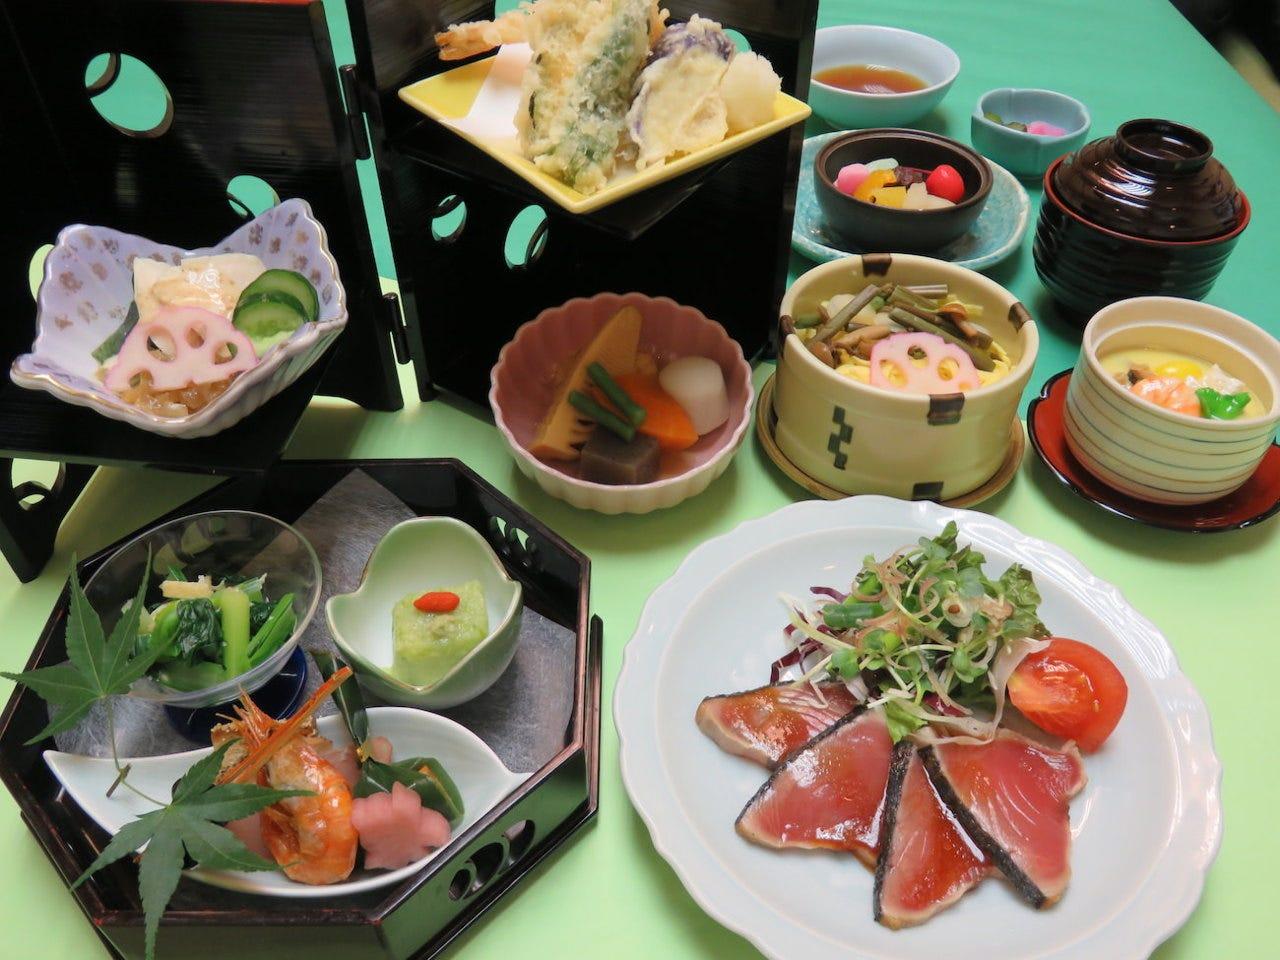 初夏の膳(葵あおい)1,880円(税込)